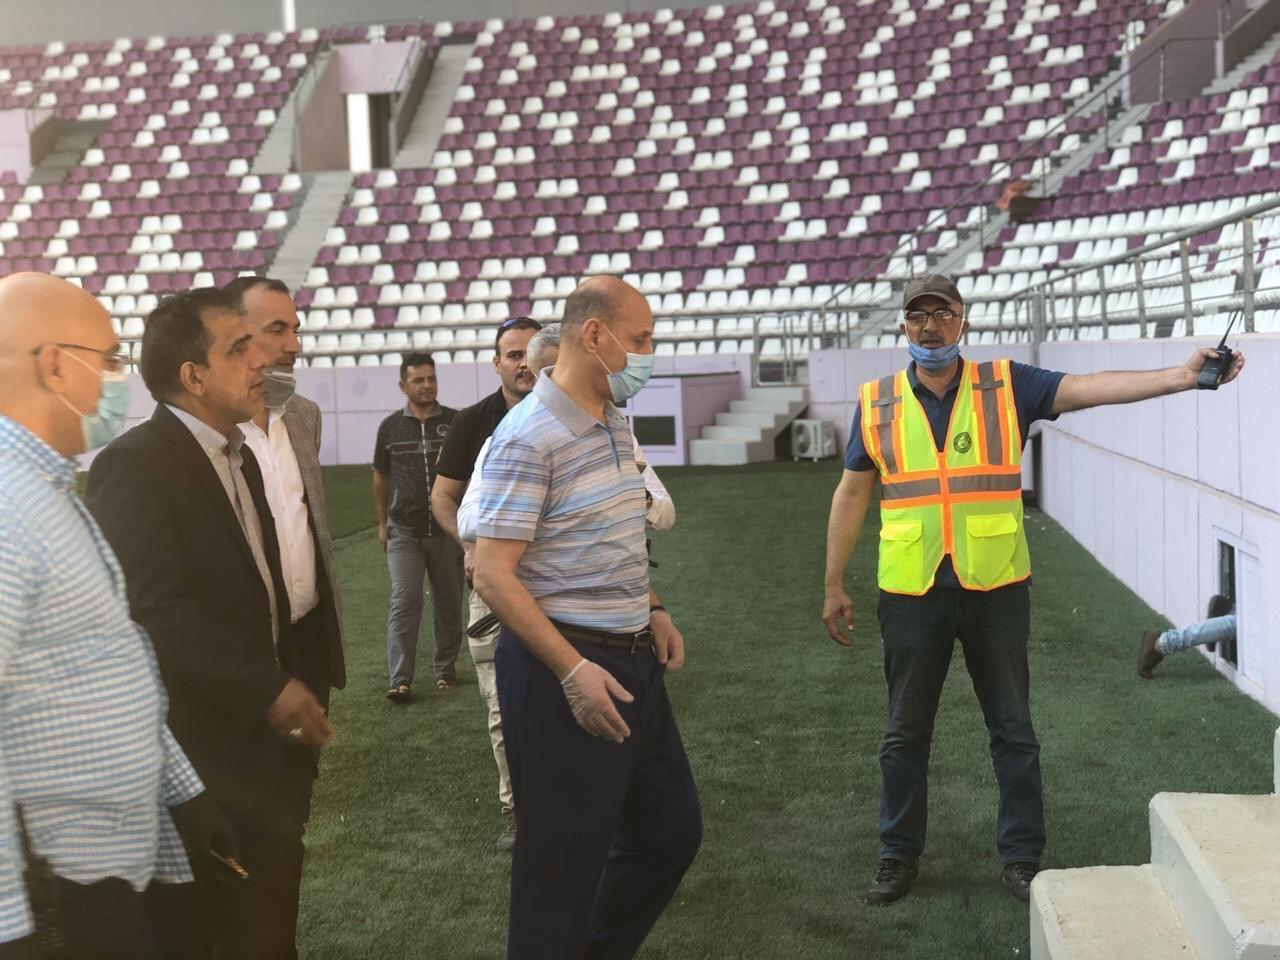 وزير الشباب يكشف عن اخر تفاصل العمل بملعبي الزوراء والشهداء